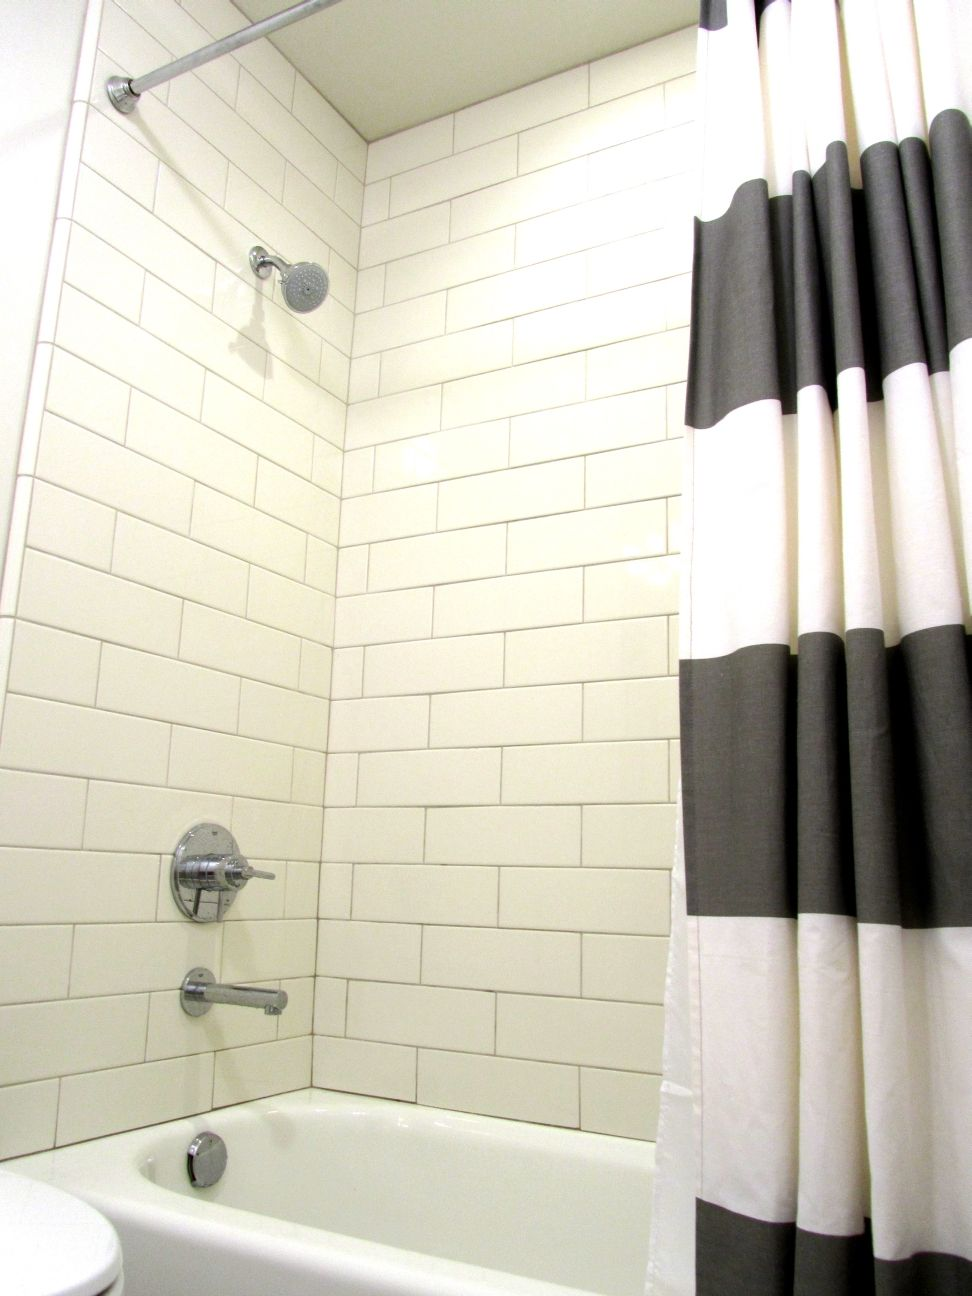 Shower curtainrod  West ElmTarget Shower tilegrout